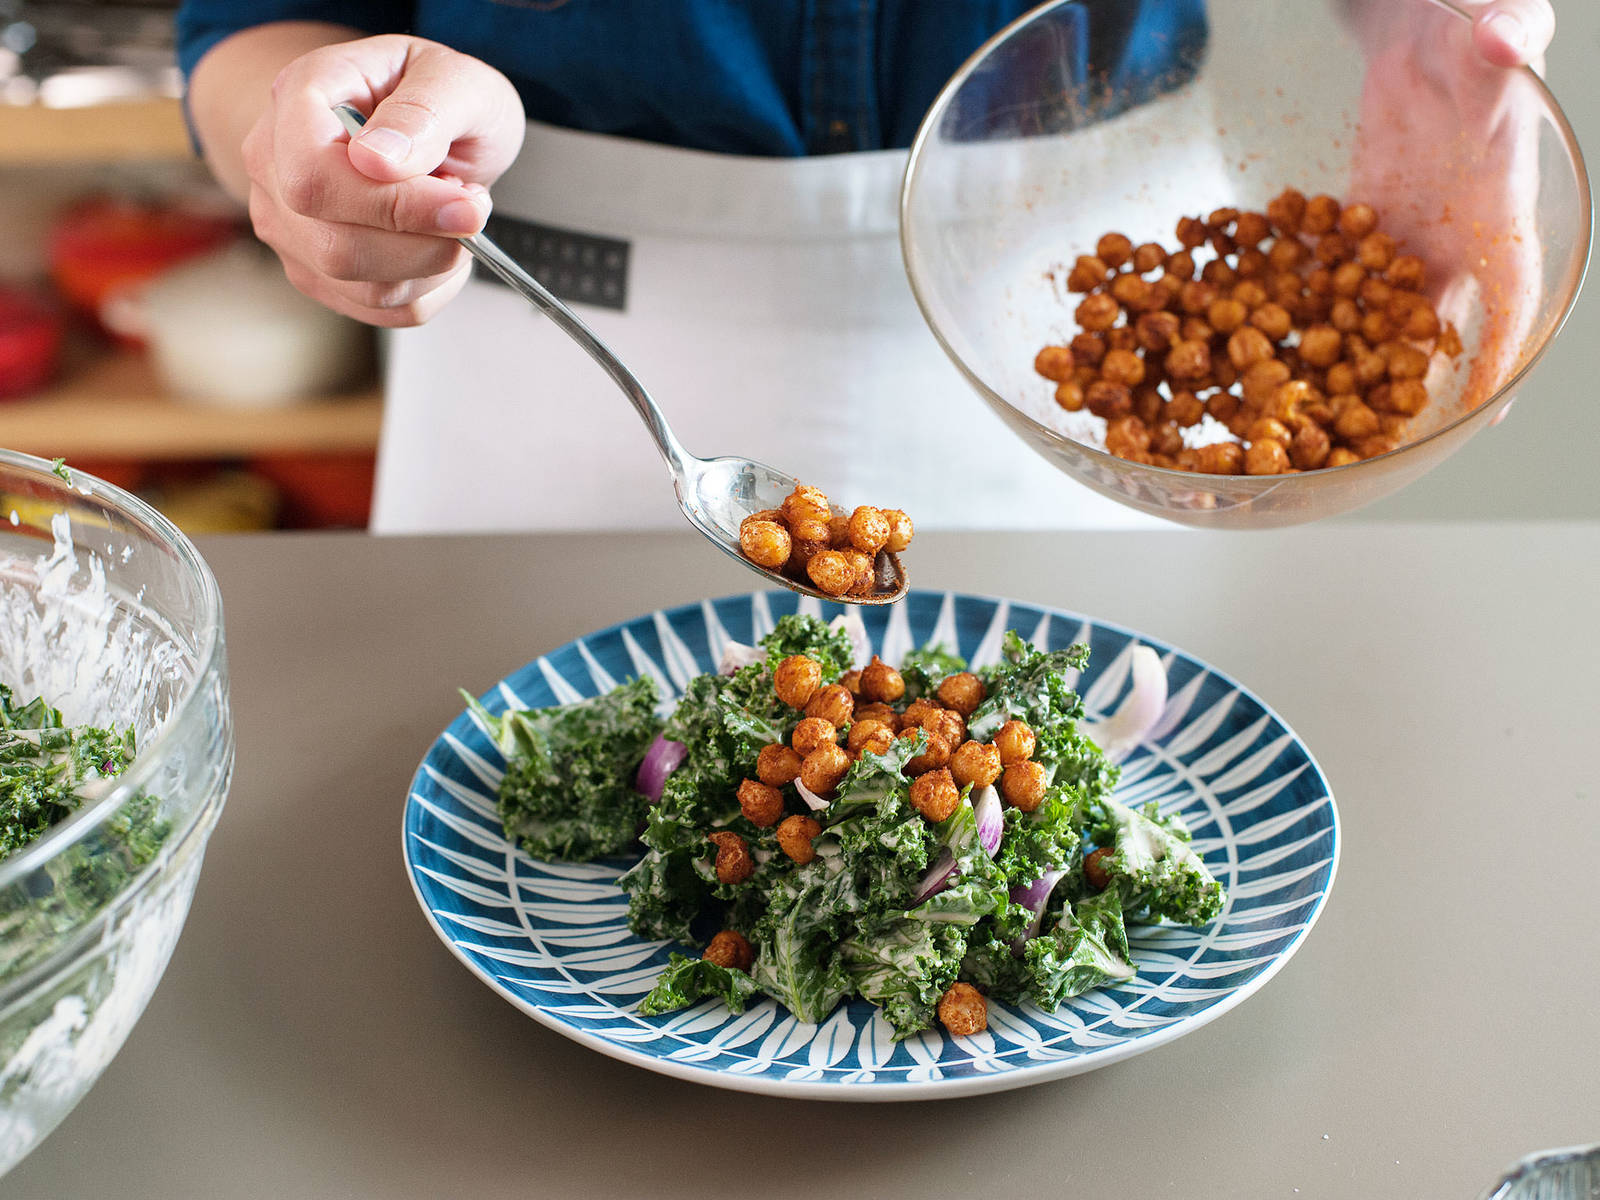 将做好的酱汁和羽衣甘蓝拌匀。装盘,撒上刚才炒好的鹰嘴豆。尽情享用吧!